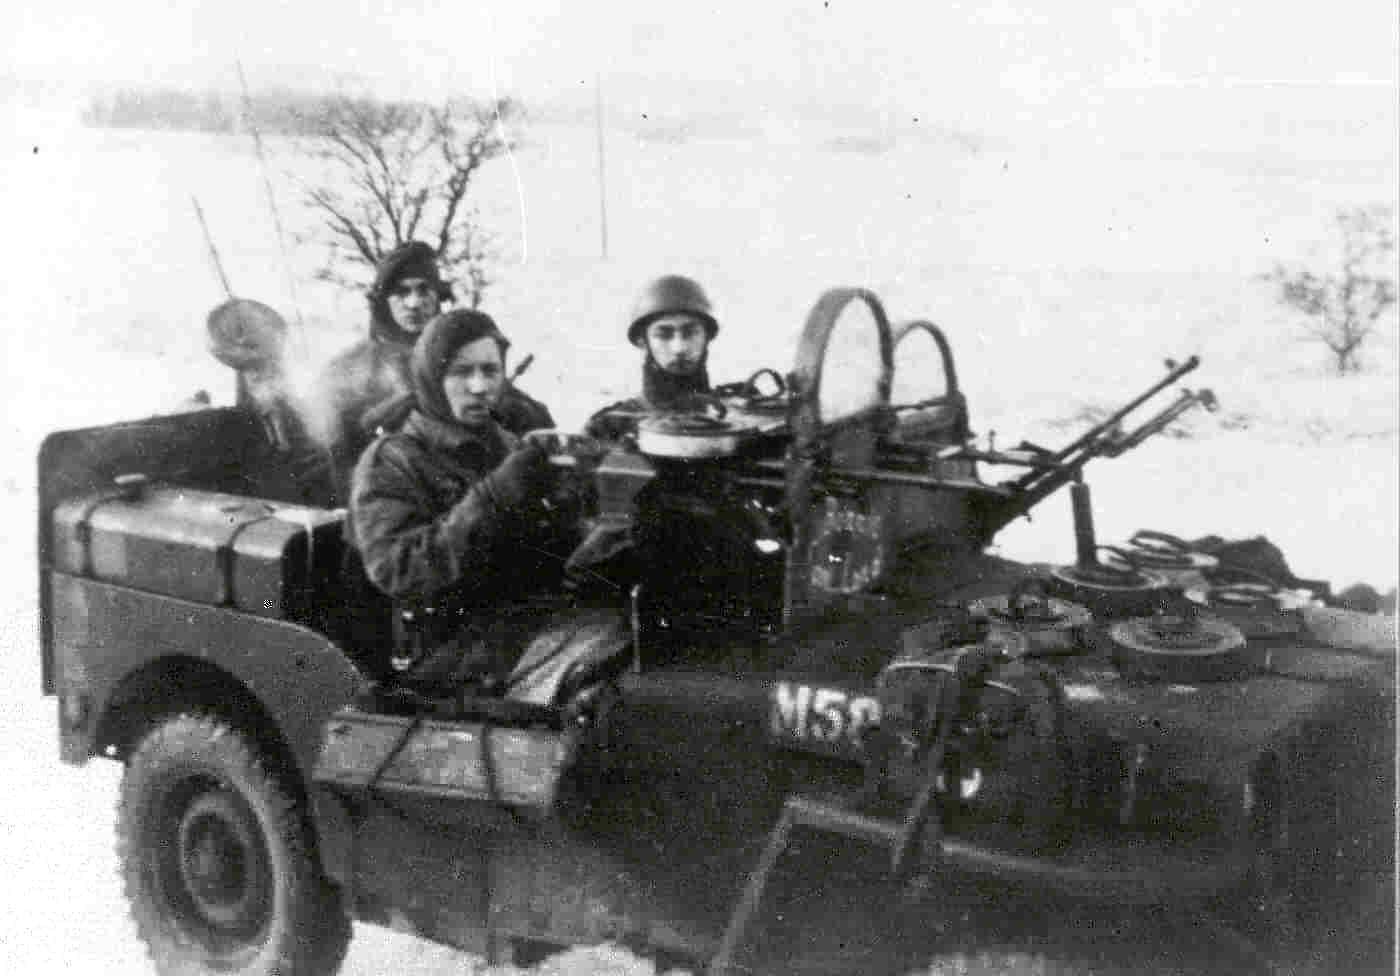 Belgische SAS met hun speciaal uitgesruste jeeps in de winter.